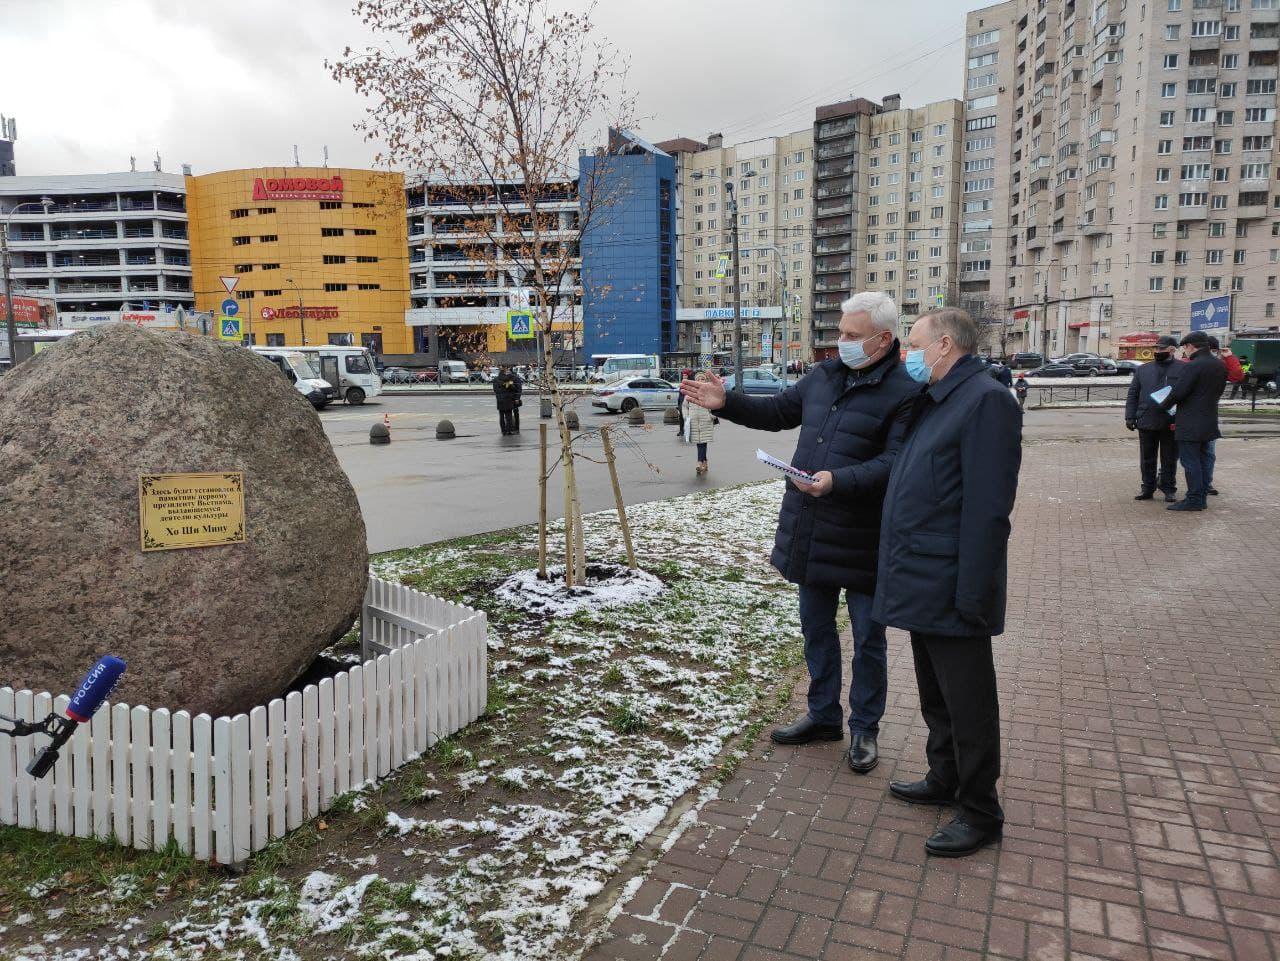 Памятник Хо Ши Мину в Выборгском районе Петербурга откроют в 2021 году